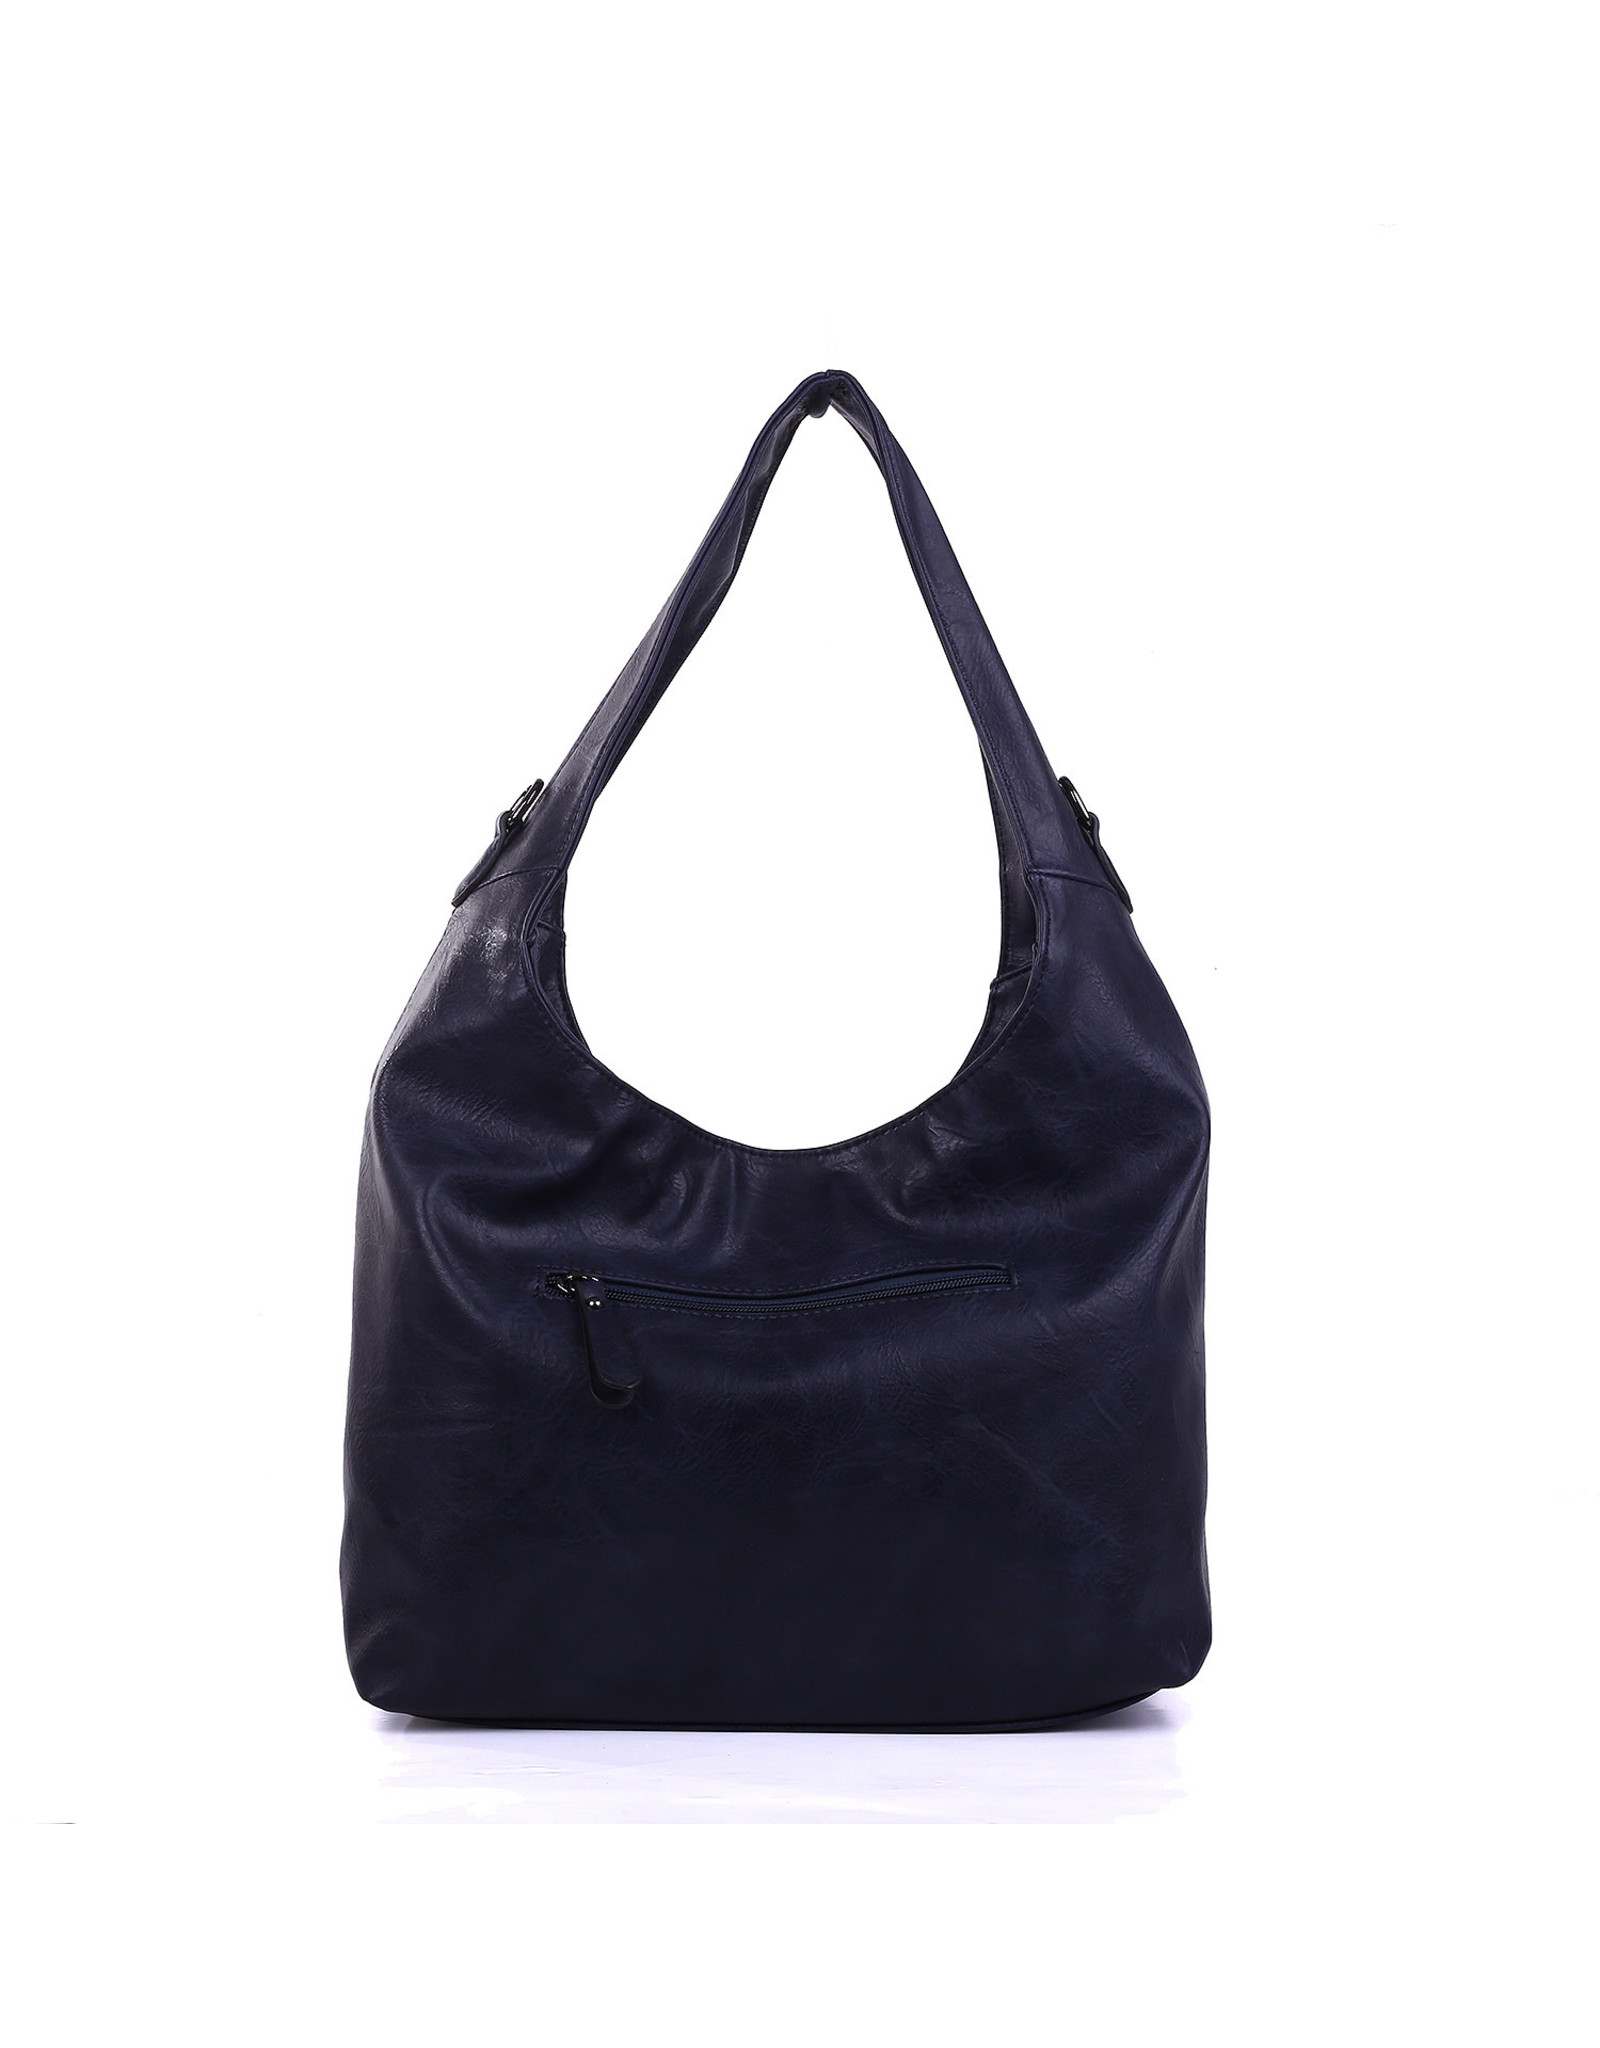 Hand-/schoudertas donkerblauw